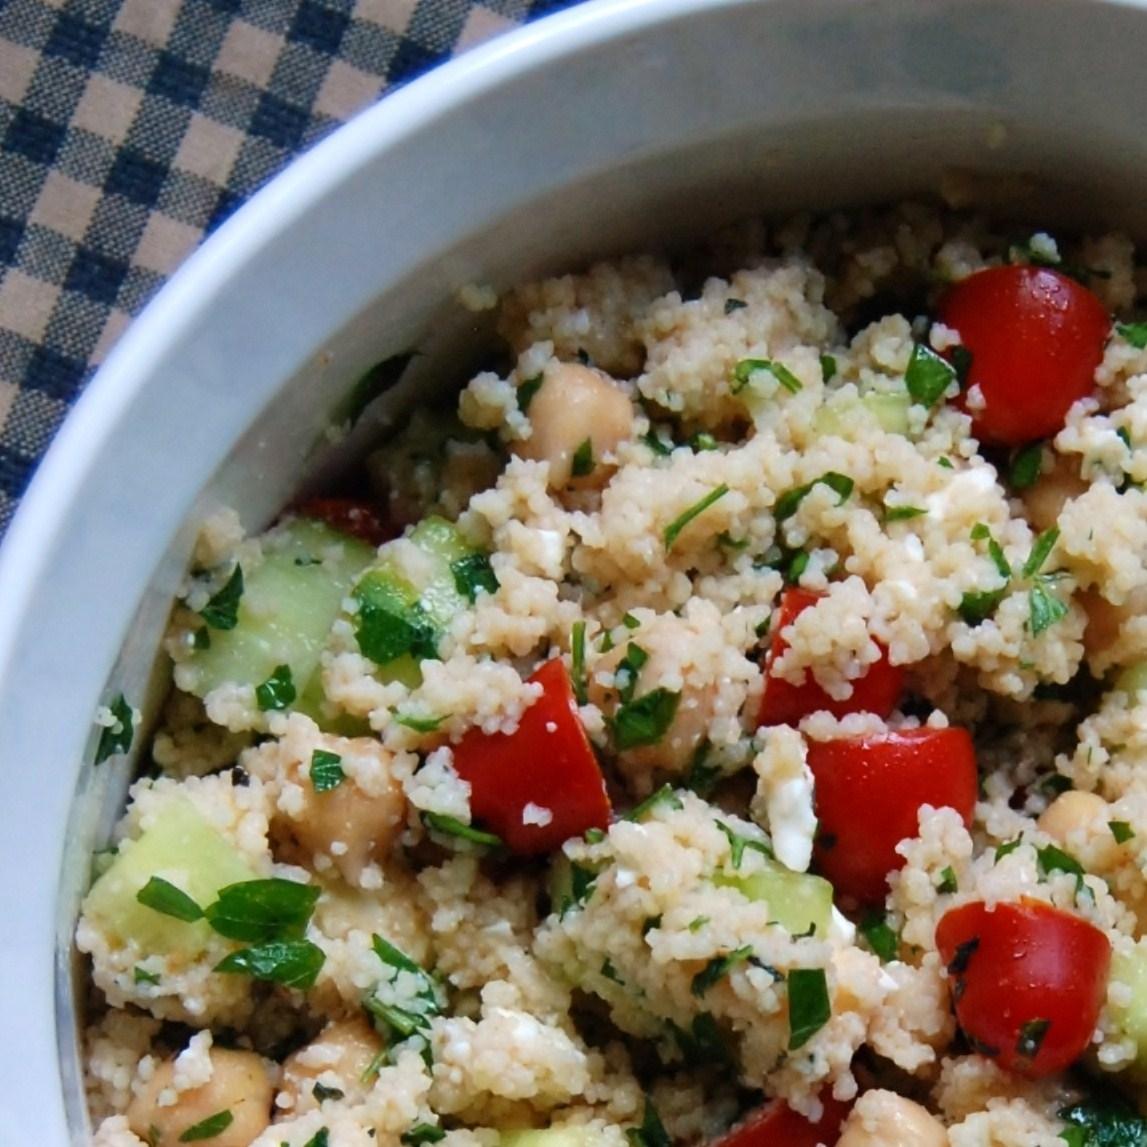 The Broken Oven: Mediterranean Couscous Salad